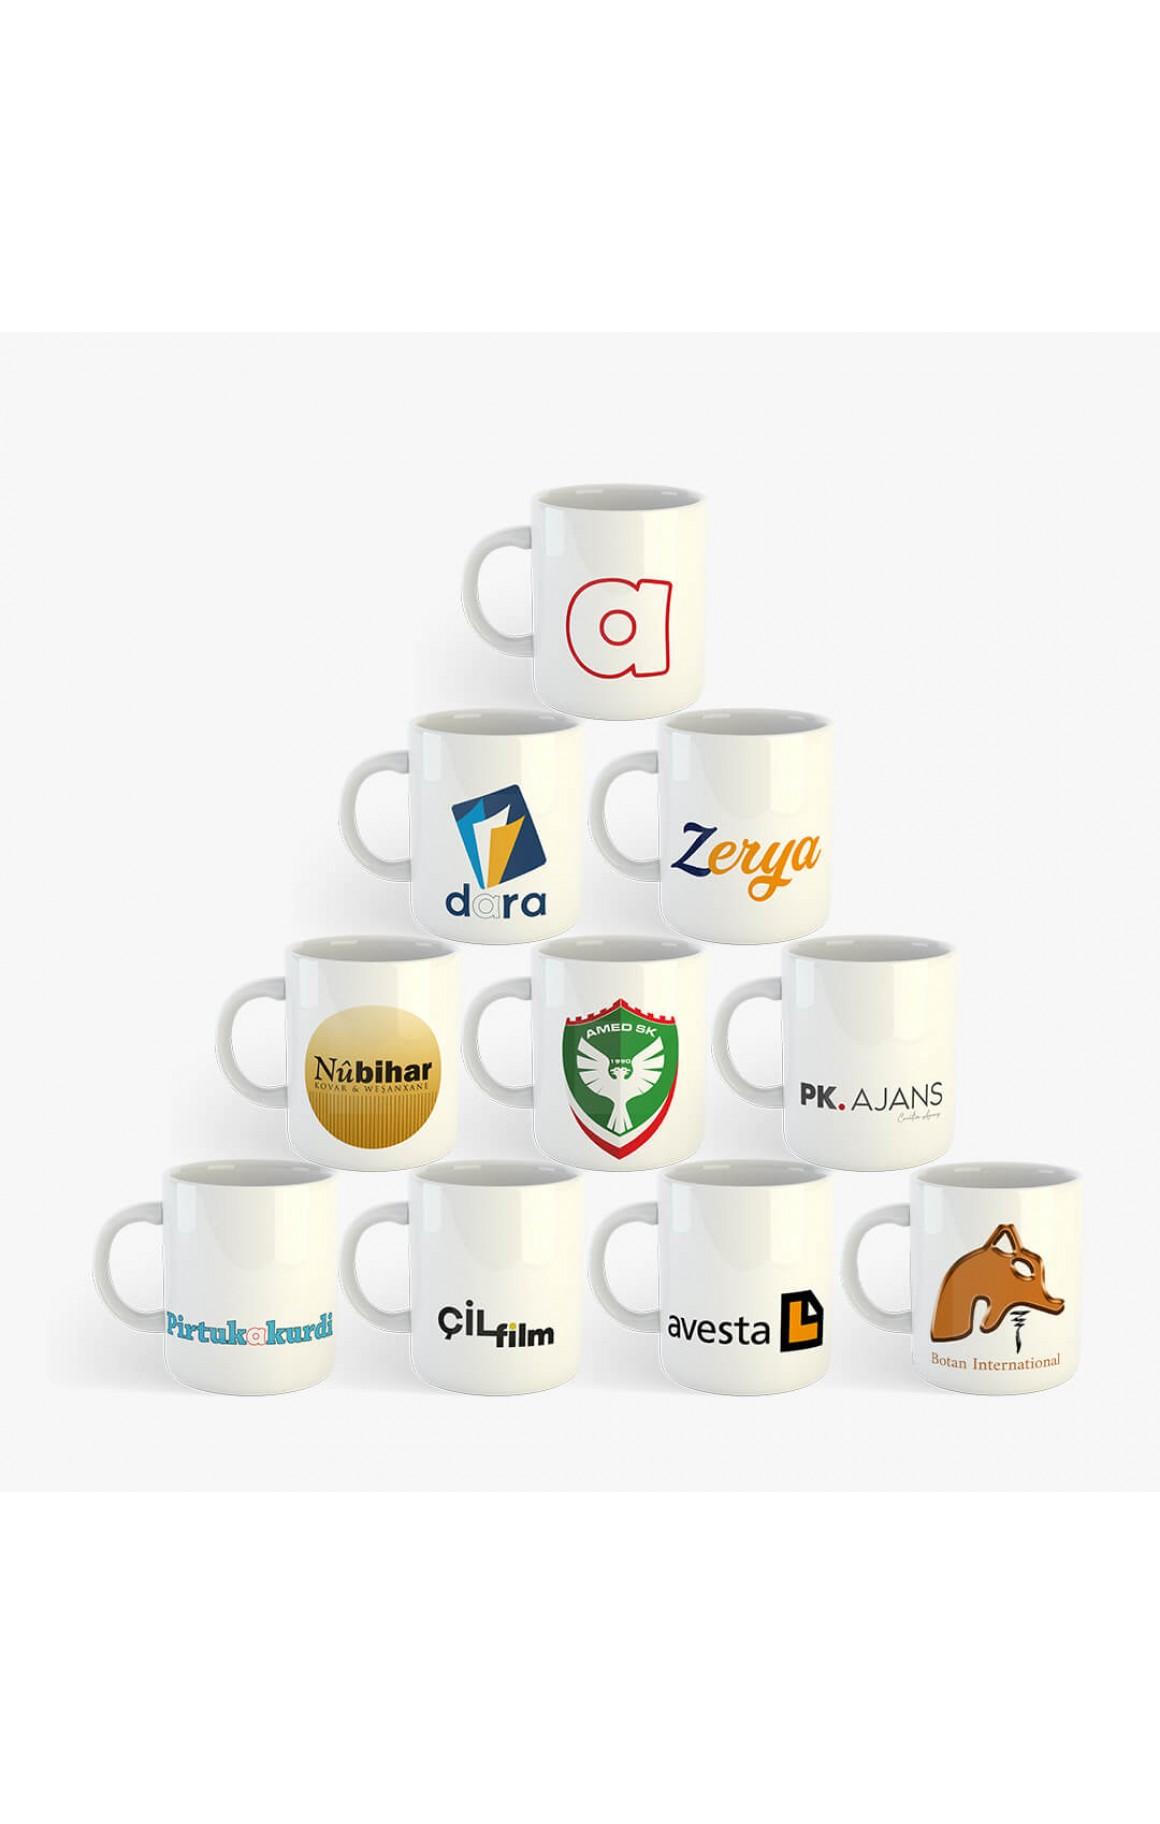 Firmalara Özel Toptan Baskılı Porselen Kupa Bardak (10 adet)